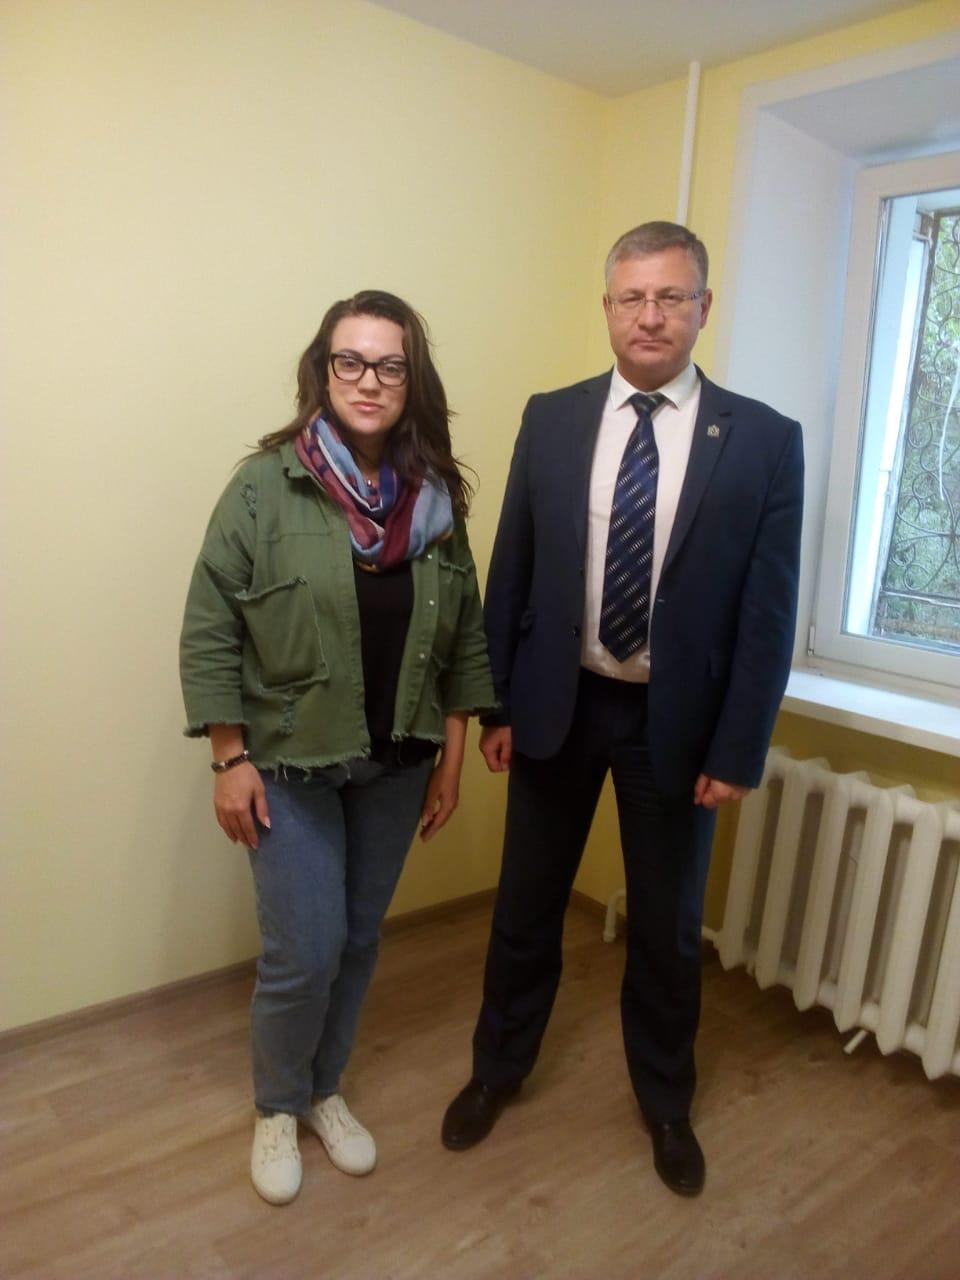 Когда и правда помогло государство: мама тройняшек купила квартиру в Хабаровске